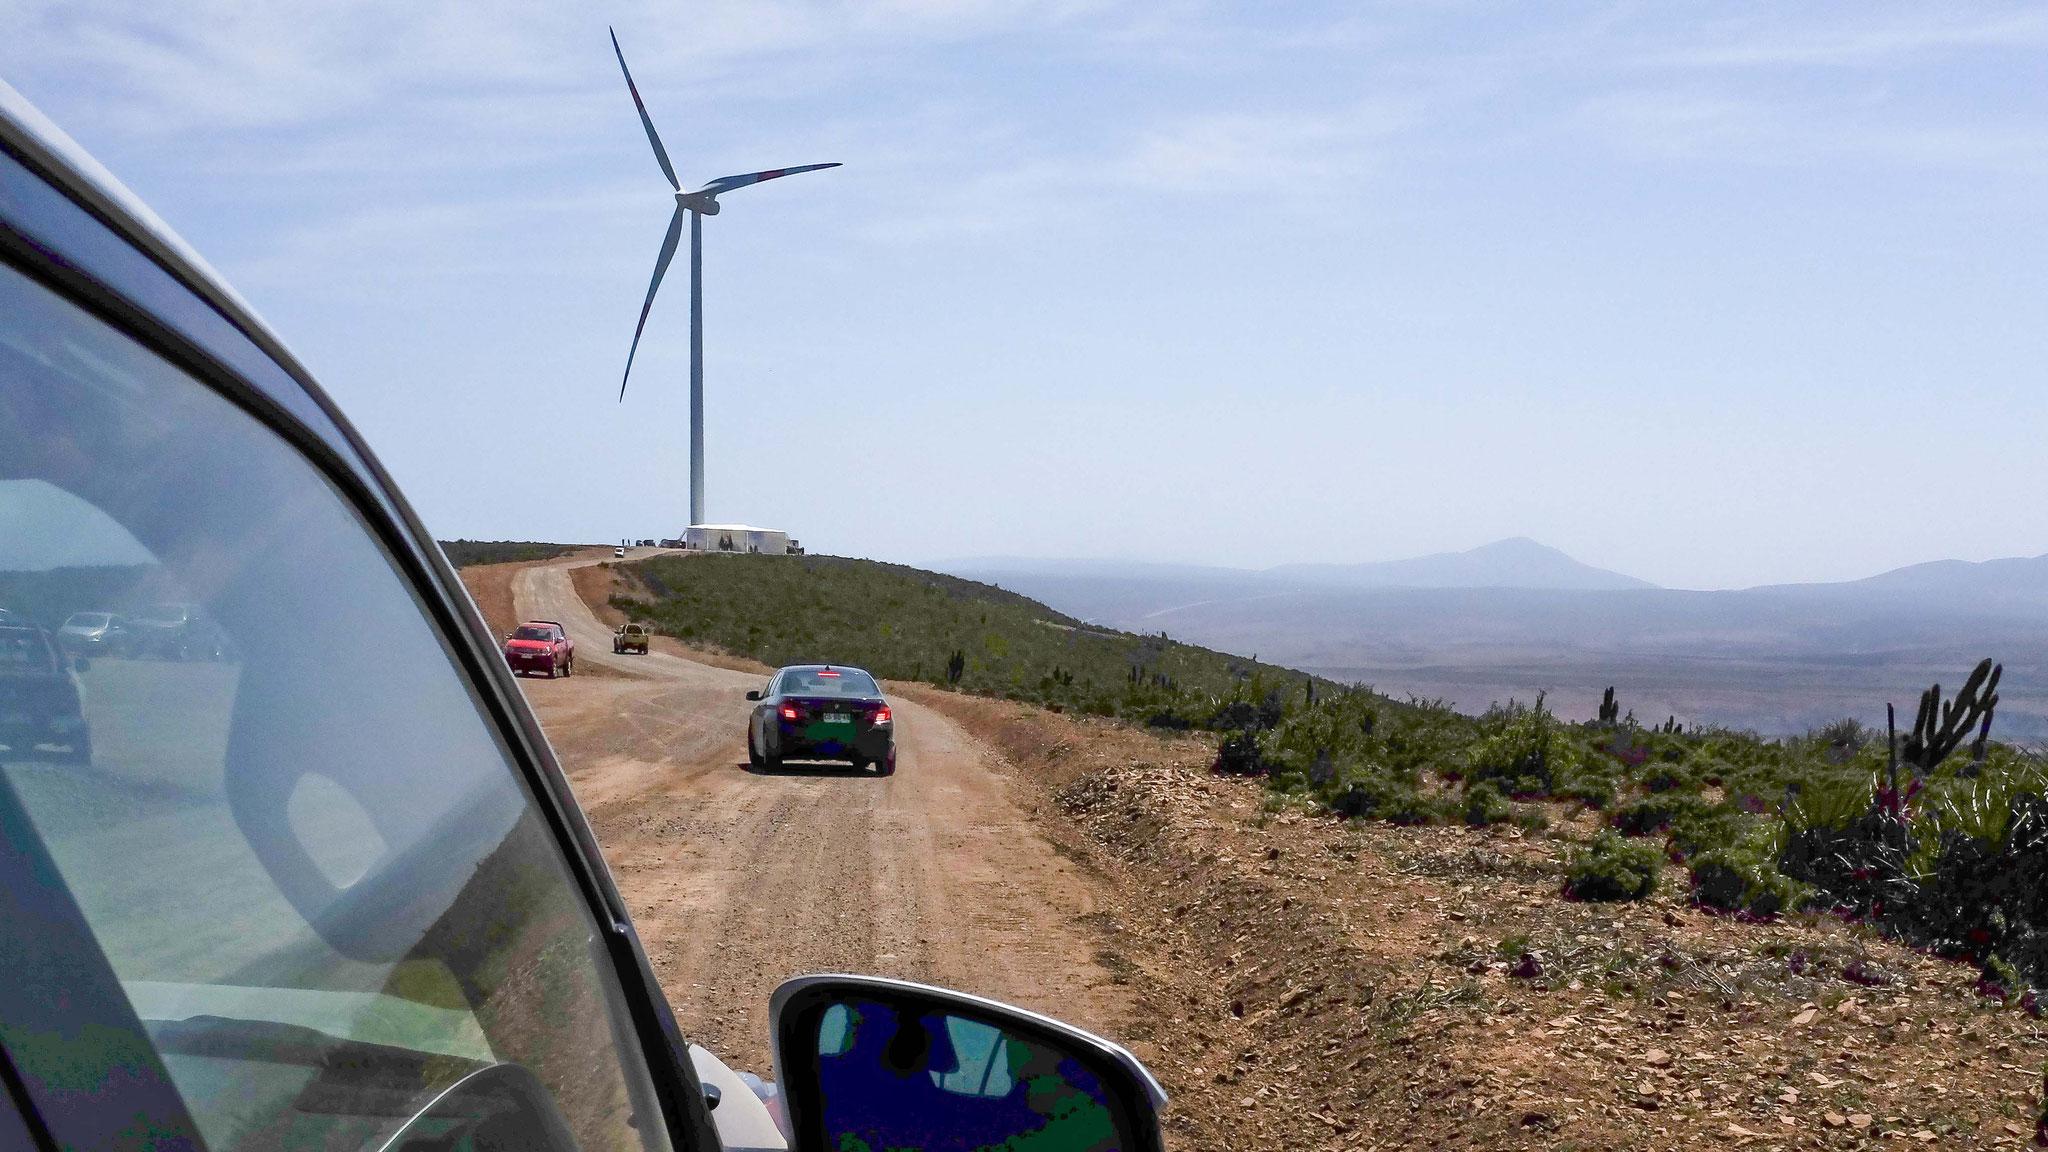 Proyecto planificado, diseñado y desarrollado por Eolic Partners: Parque Eólico Los Cururos (El Pacifico y La Cebada), IV Región Chile. Inauguración Octubre 2014 - Copyright Eolic Partners